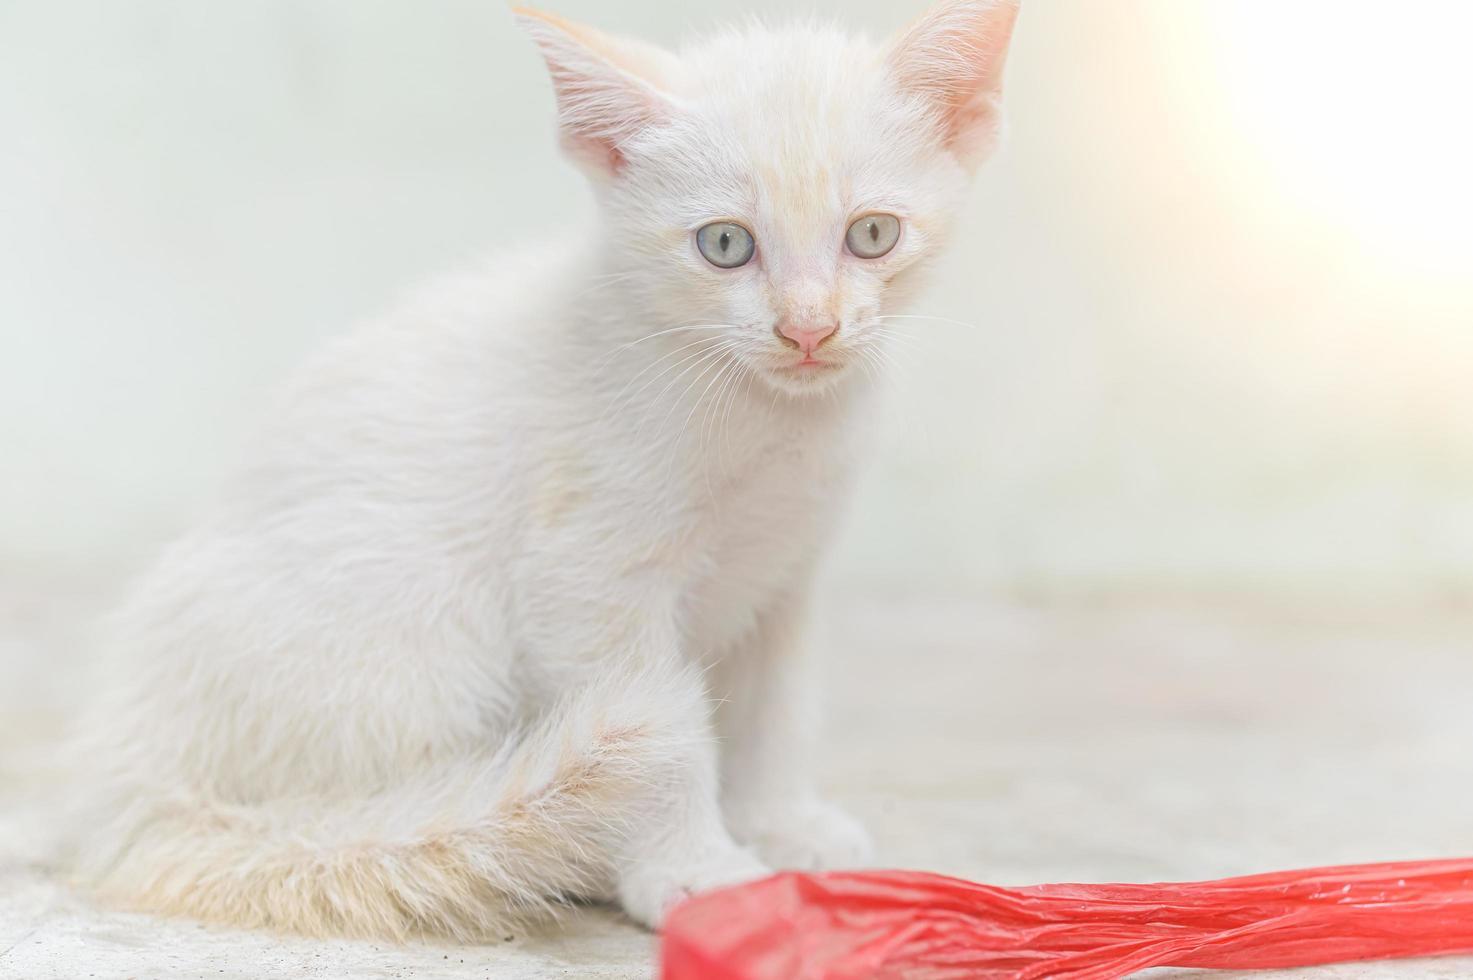 inquadratura ravvicinata di un gattino bianco foto